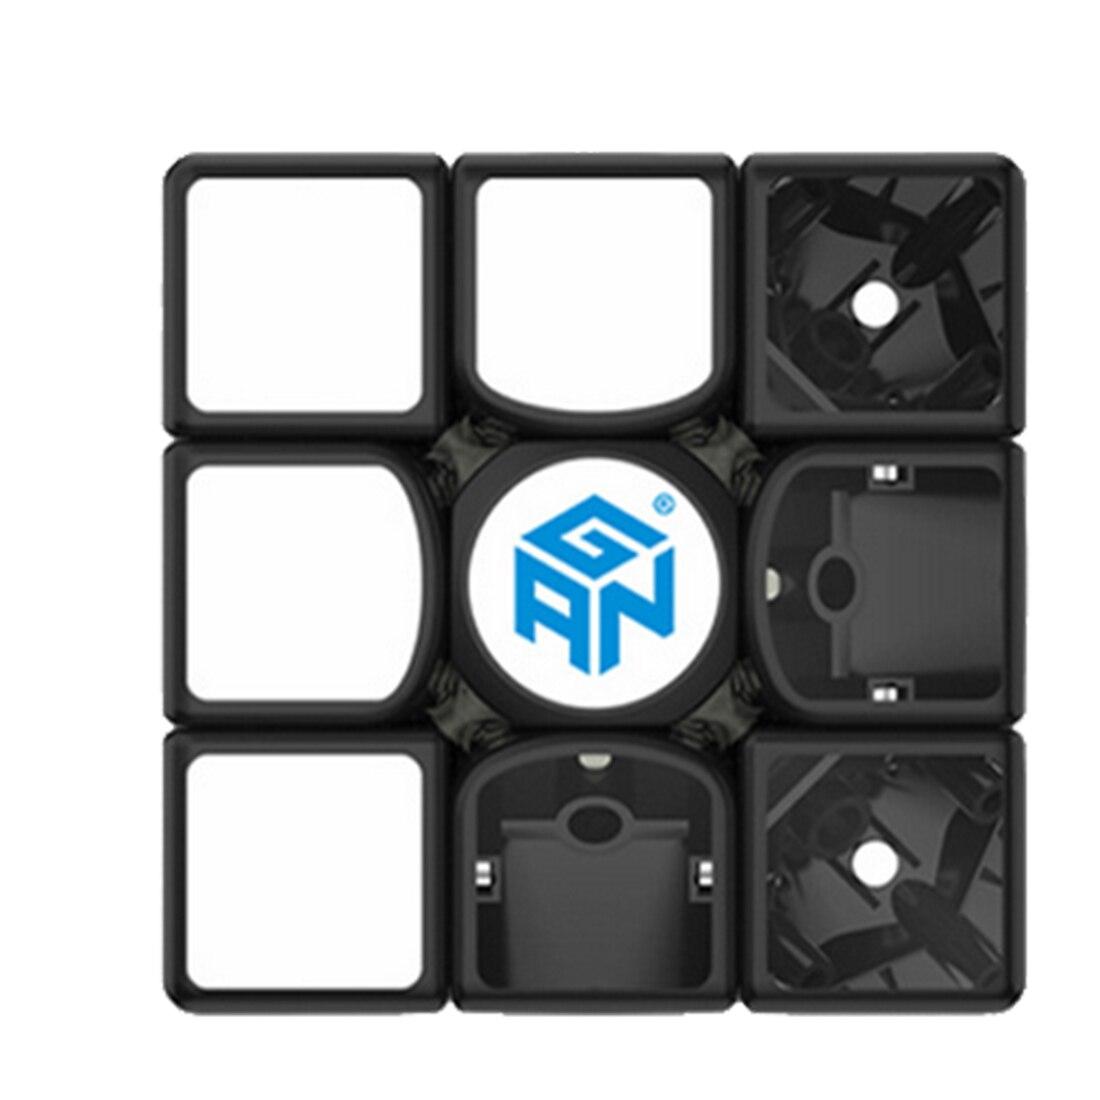 UTOYSLAND 60 pièces GAN356 Air SM Version magnétique Speedcubing 3x3 Cube magique pour compétition-noir - 3